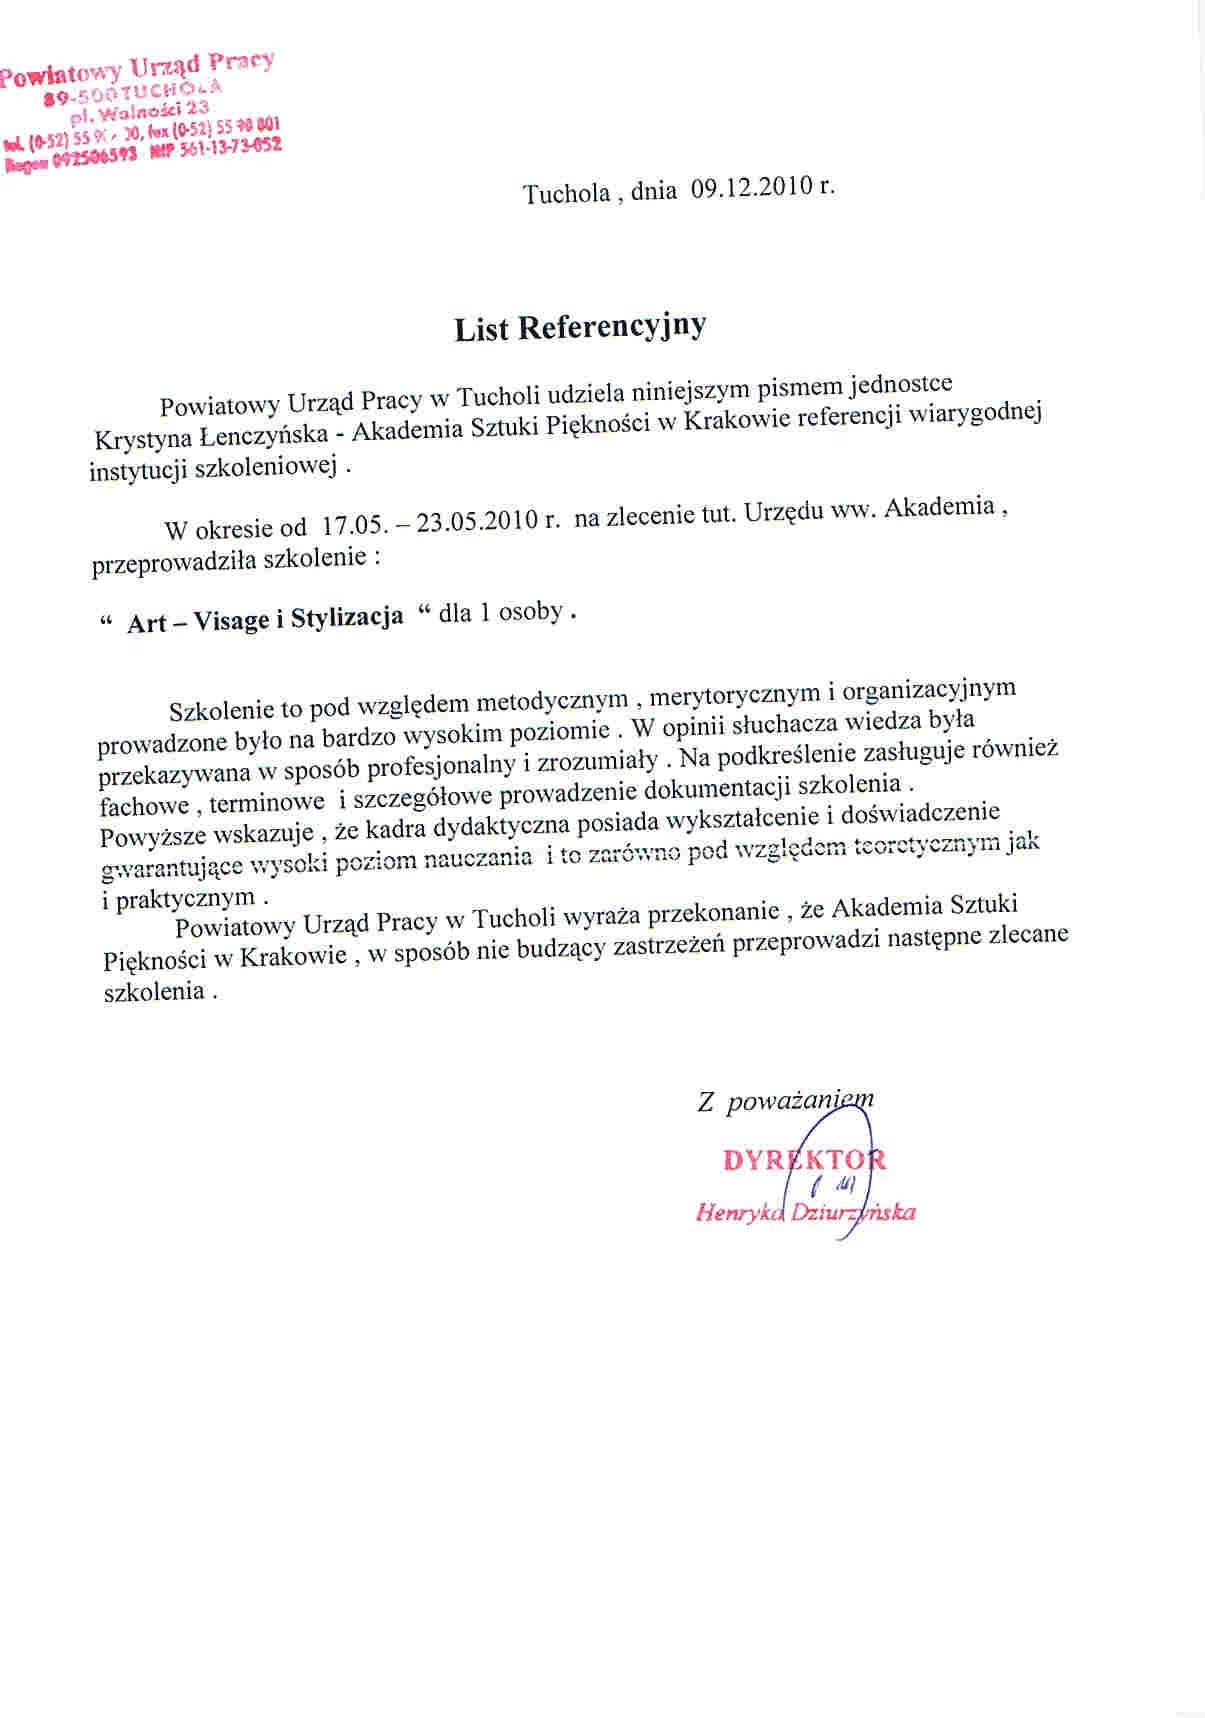 Powiatowy Urząd Pracy w Tucholi-Tuchola